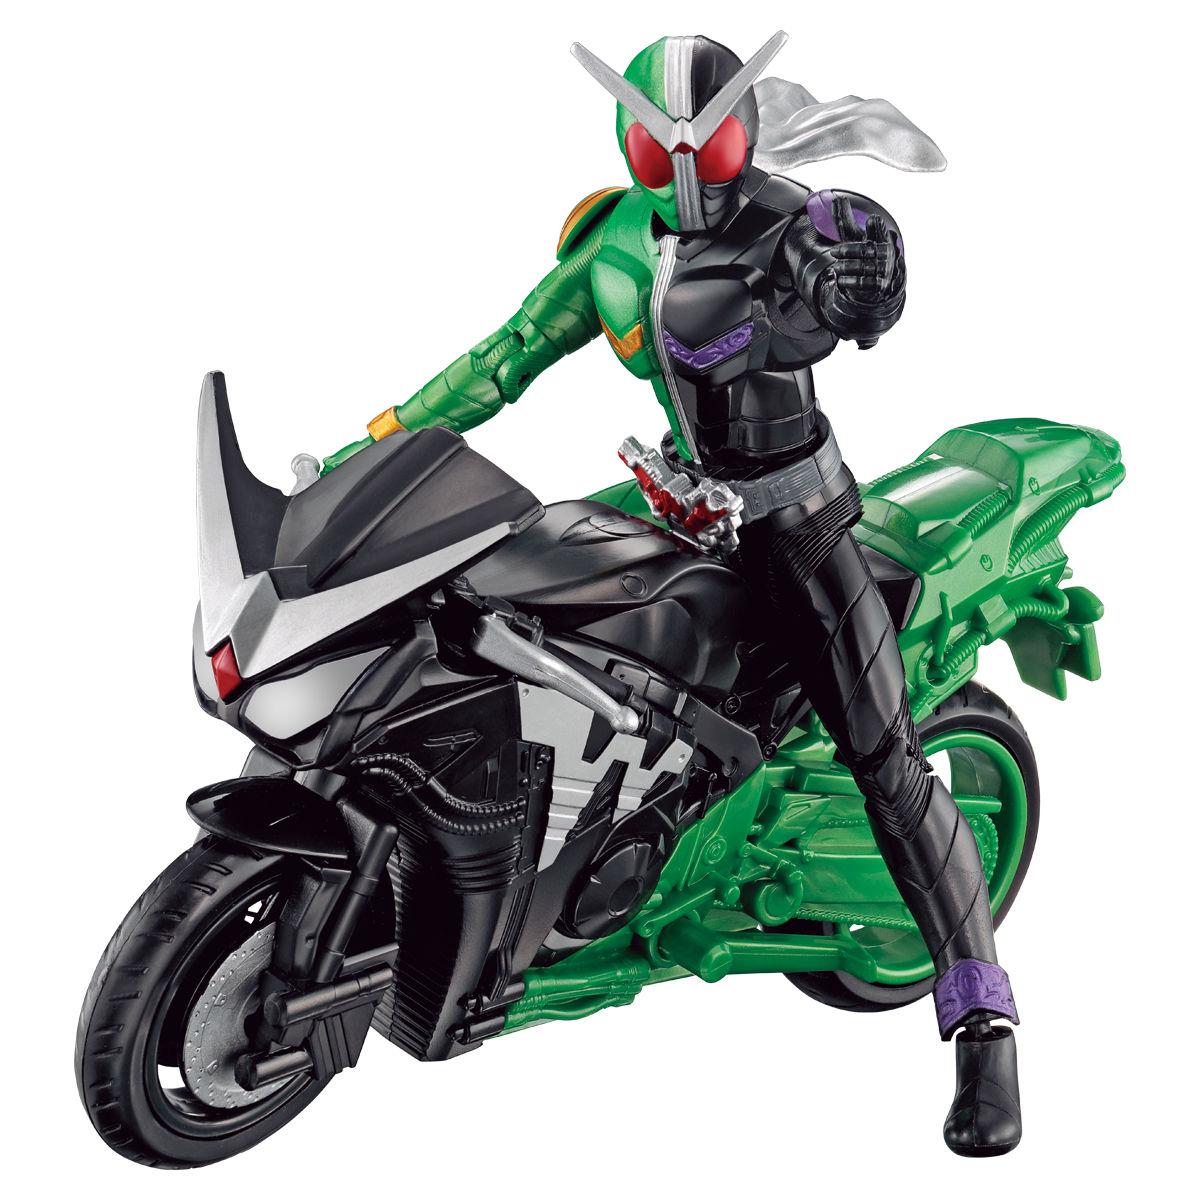 RKFレジェンドライダーシリーズ『仮面ライダーダブル サイクロンジョーカー&ハードボイルダー』可動フィギュア-001